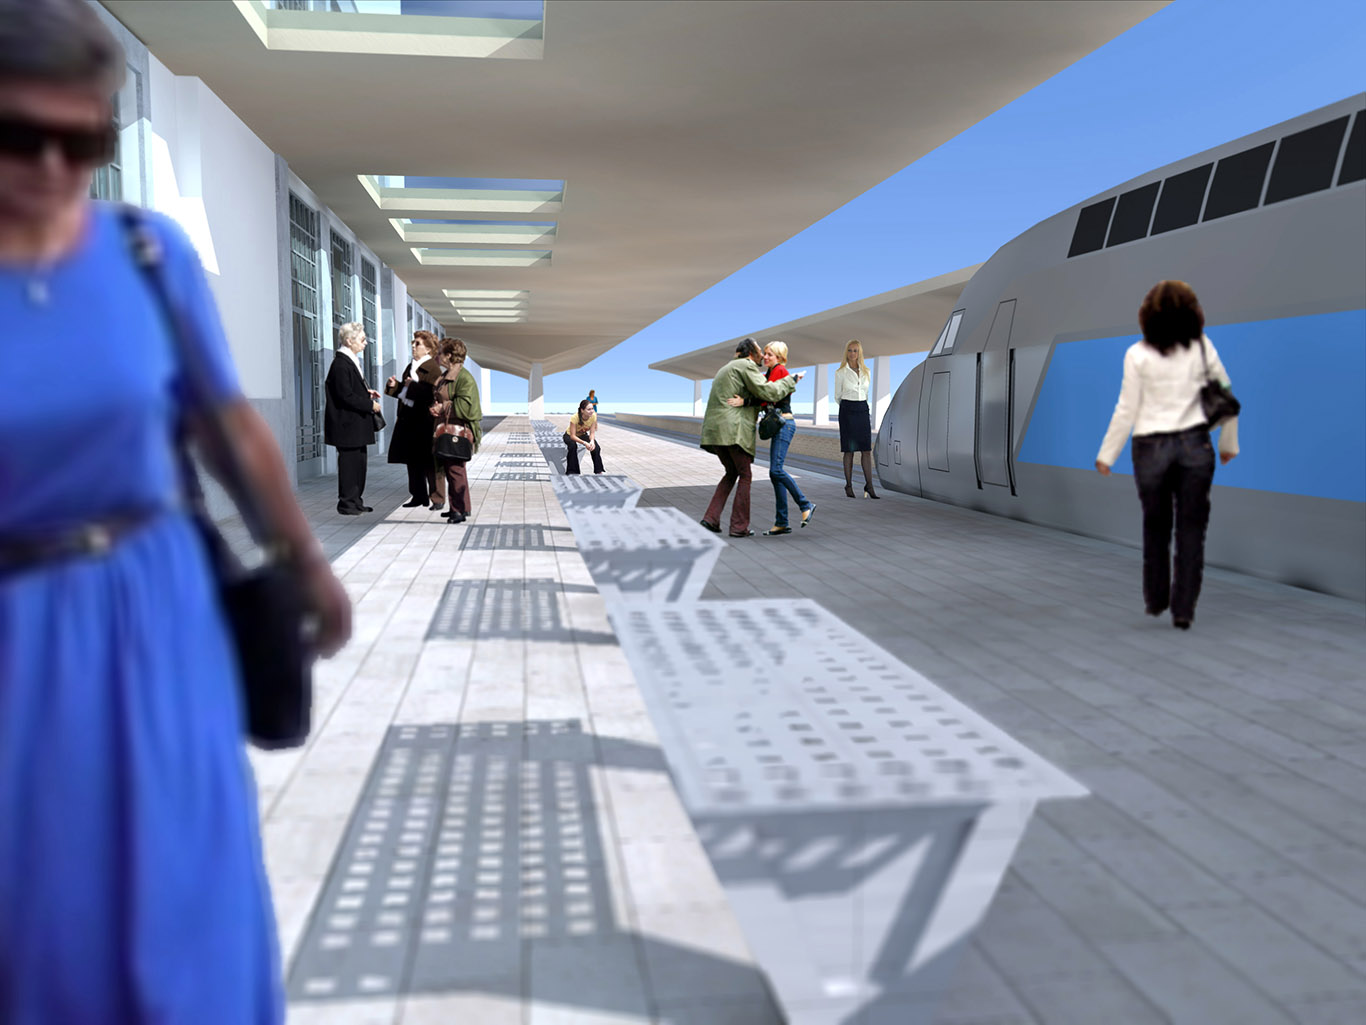 Stazione ferroviaria sidi bel abbess-6